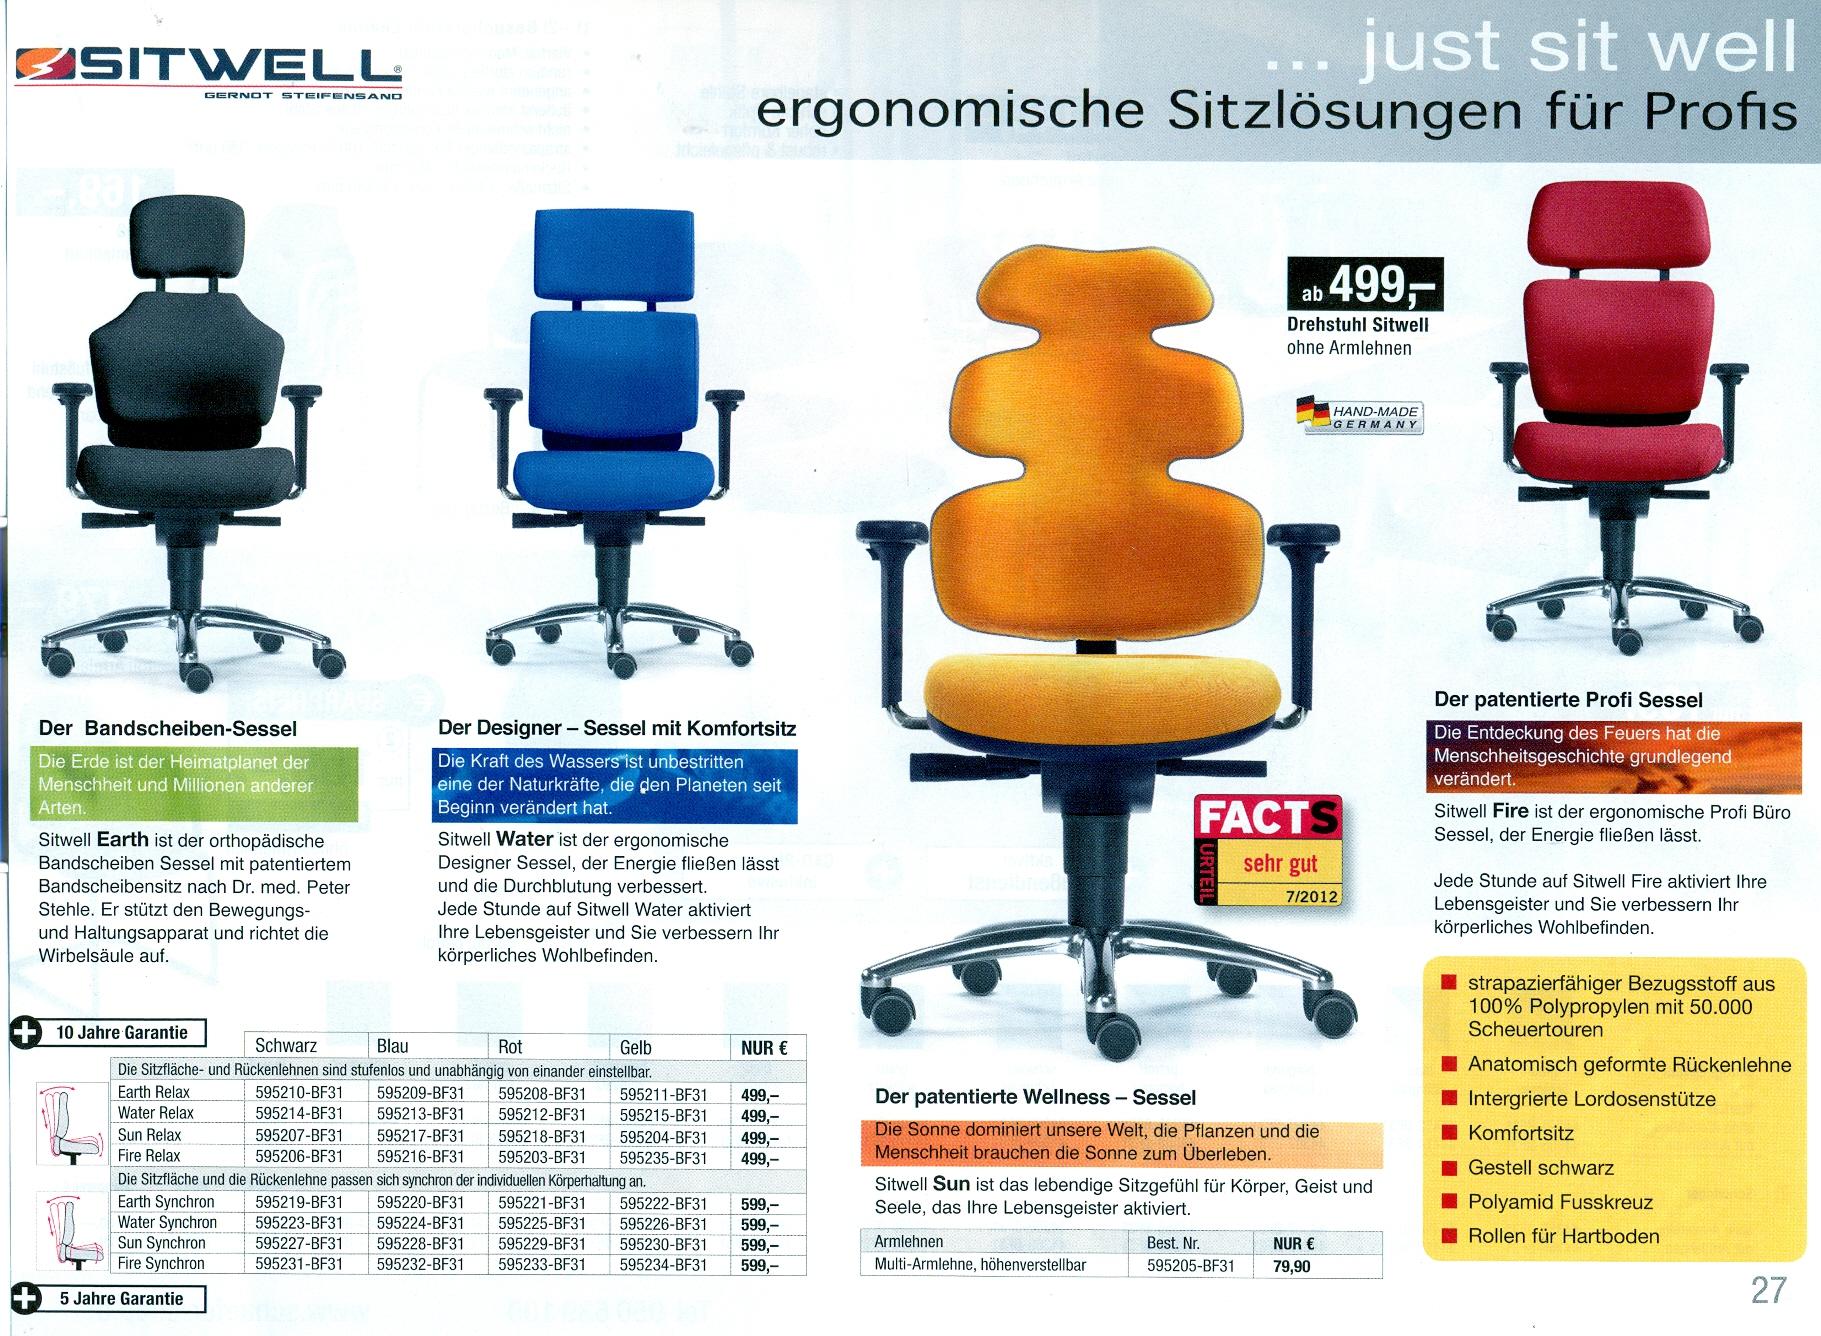 Sitwell_Steifensand_Sitzmöbel_Wendelstein